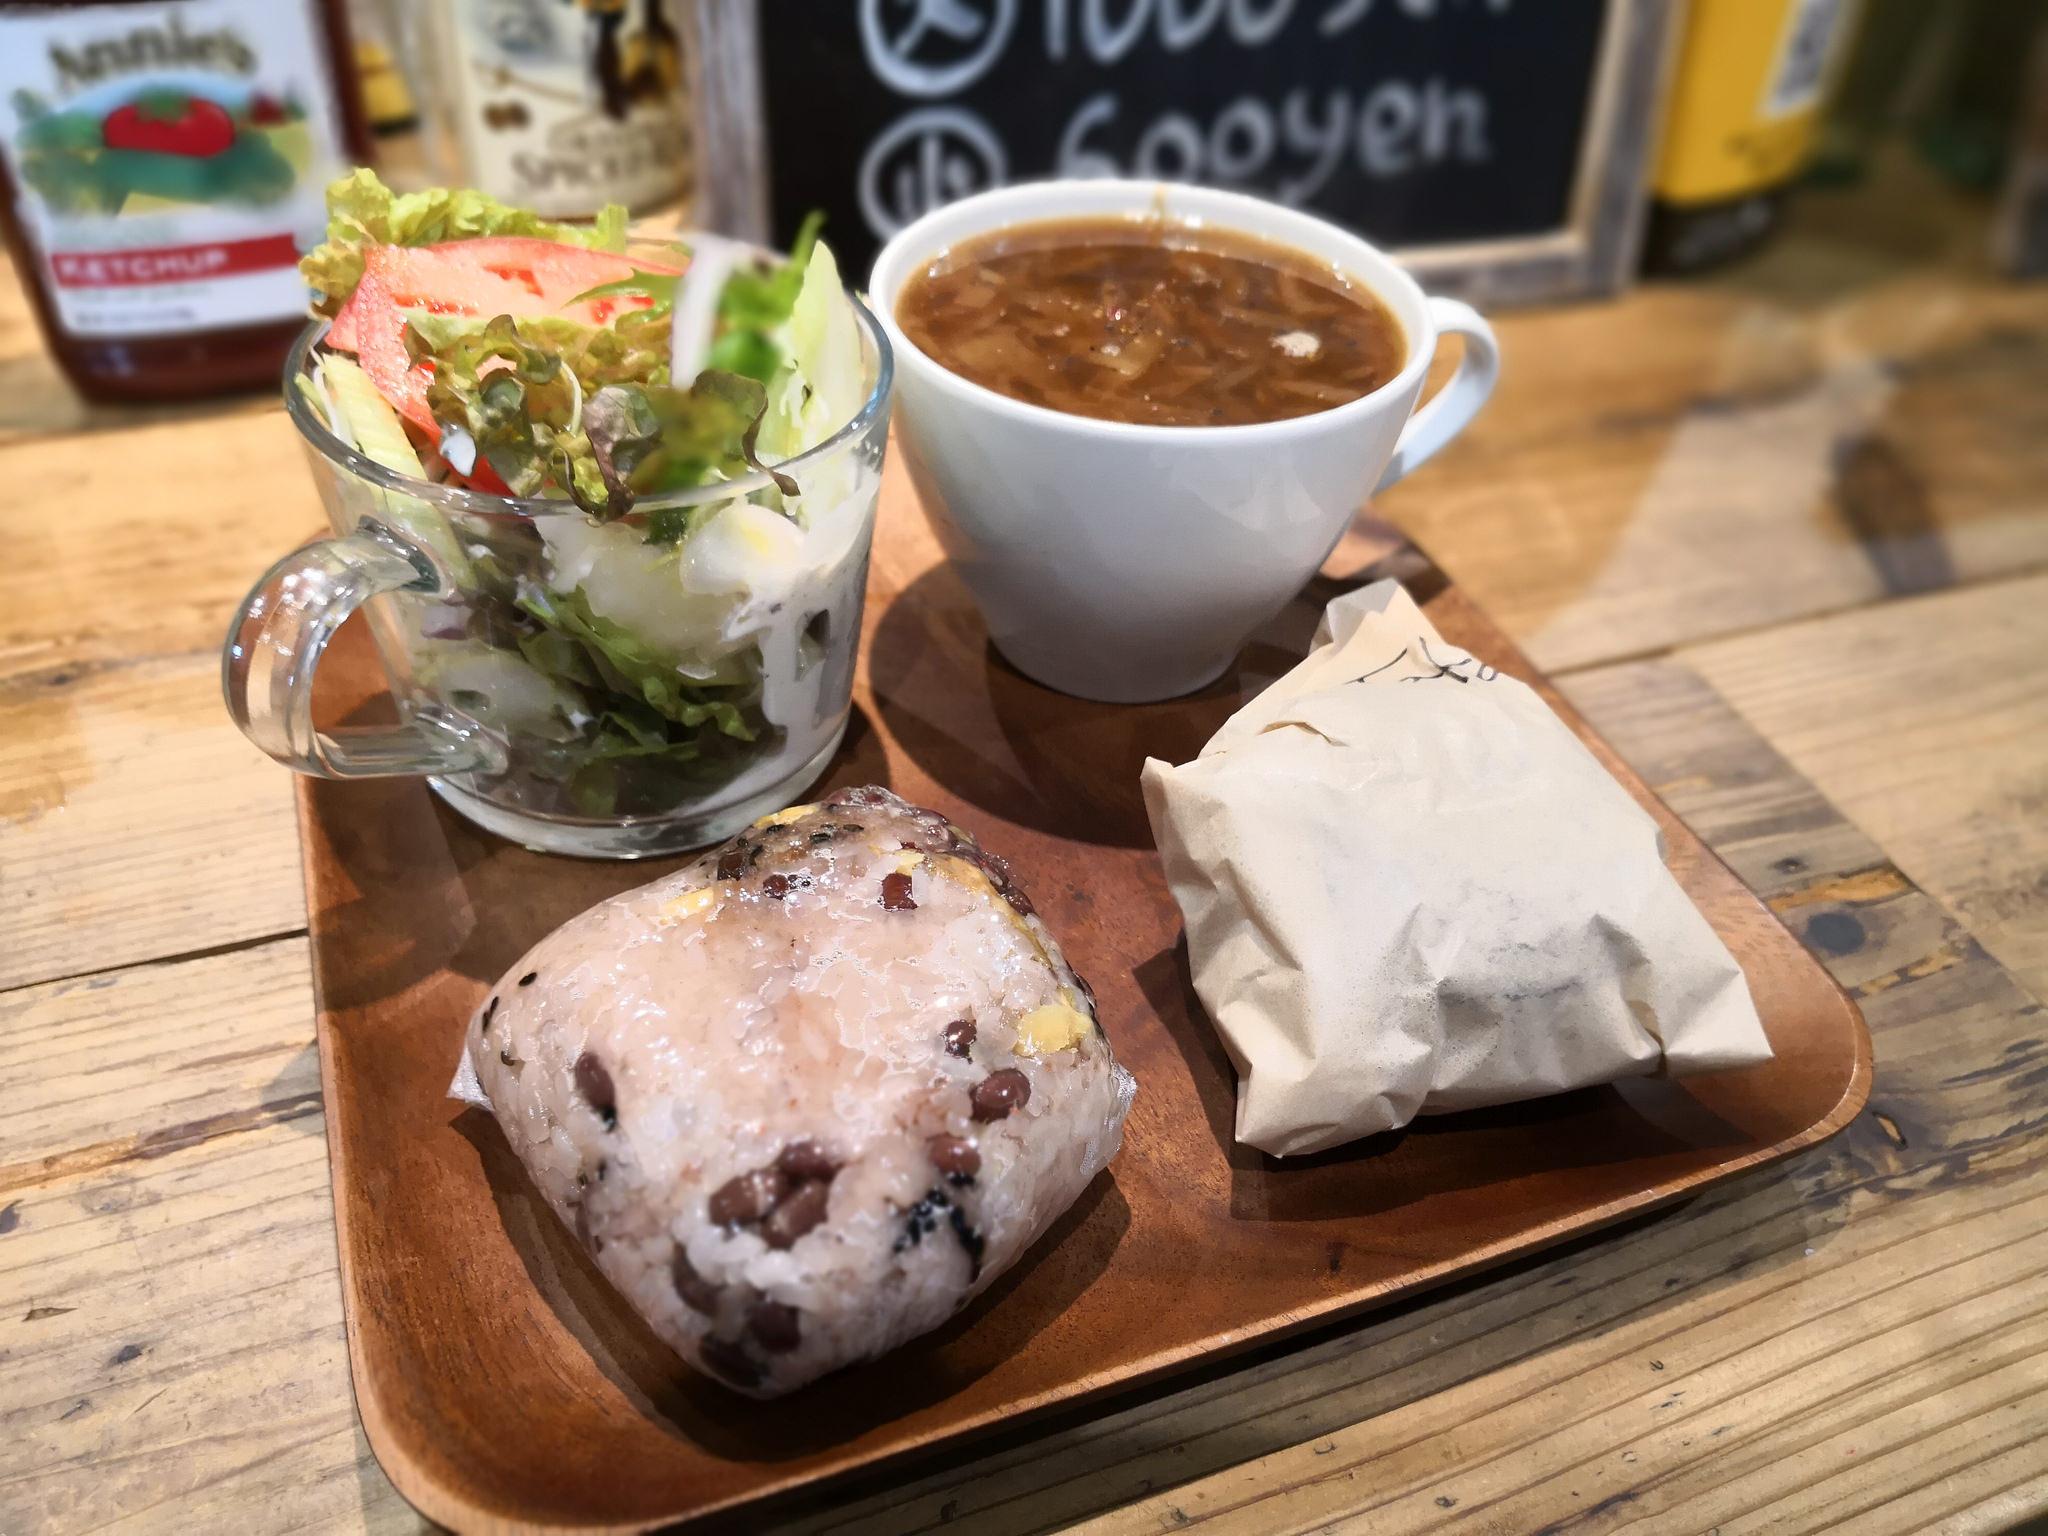 【五反田】Think food LOTUS CAFE@五反田には貴重な女子が集まるオーガニックなカフェ。